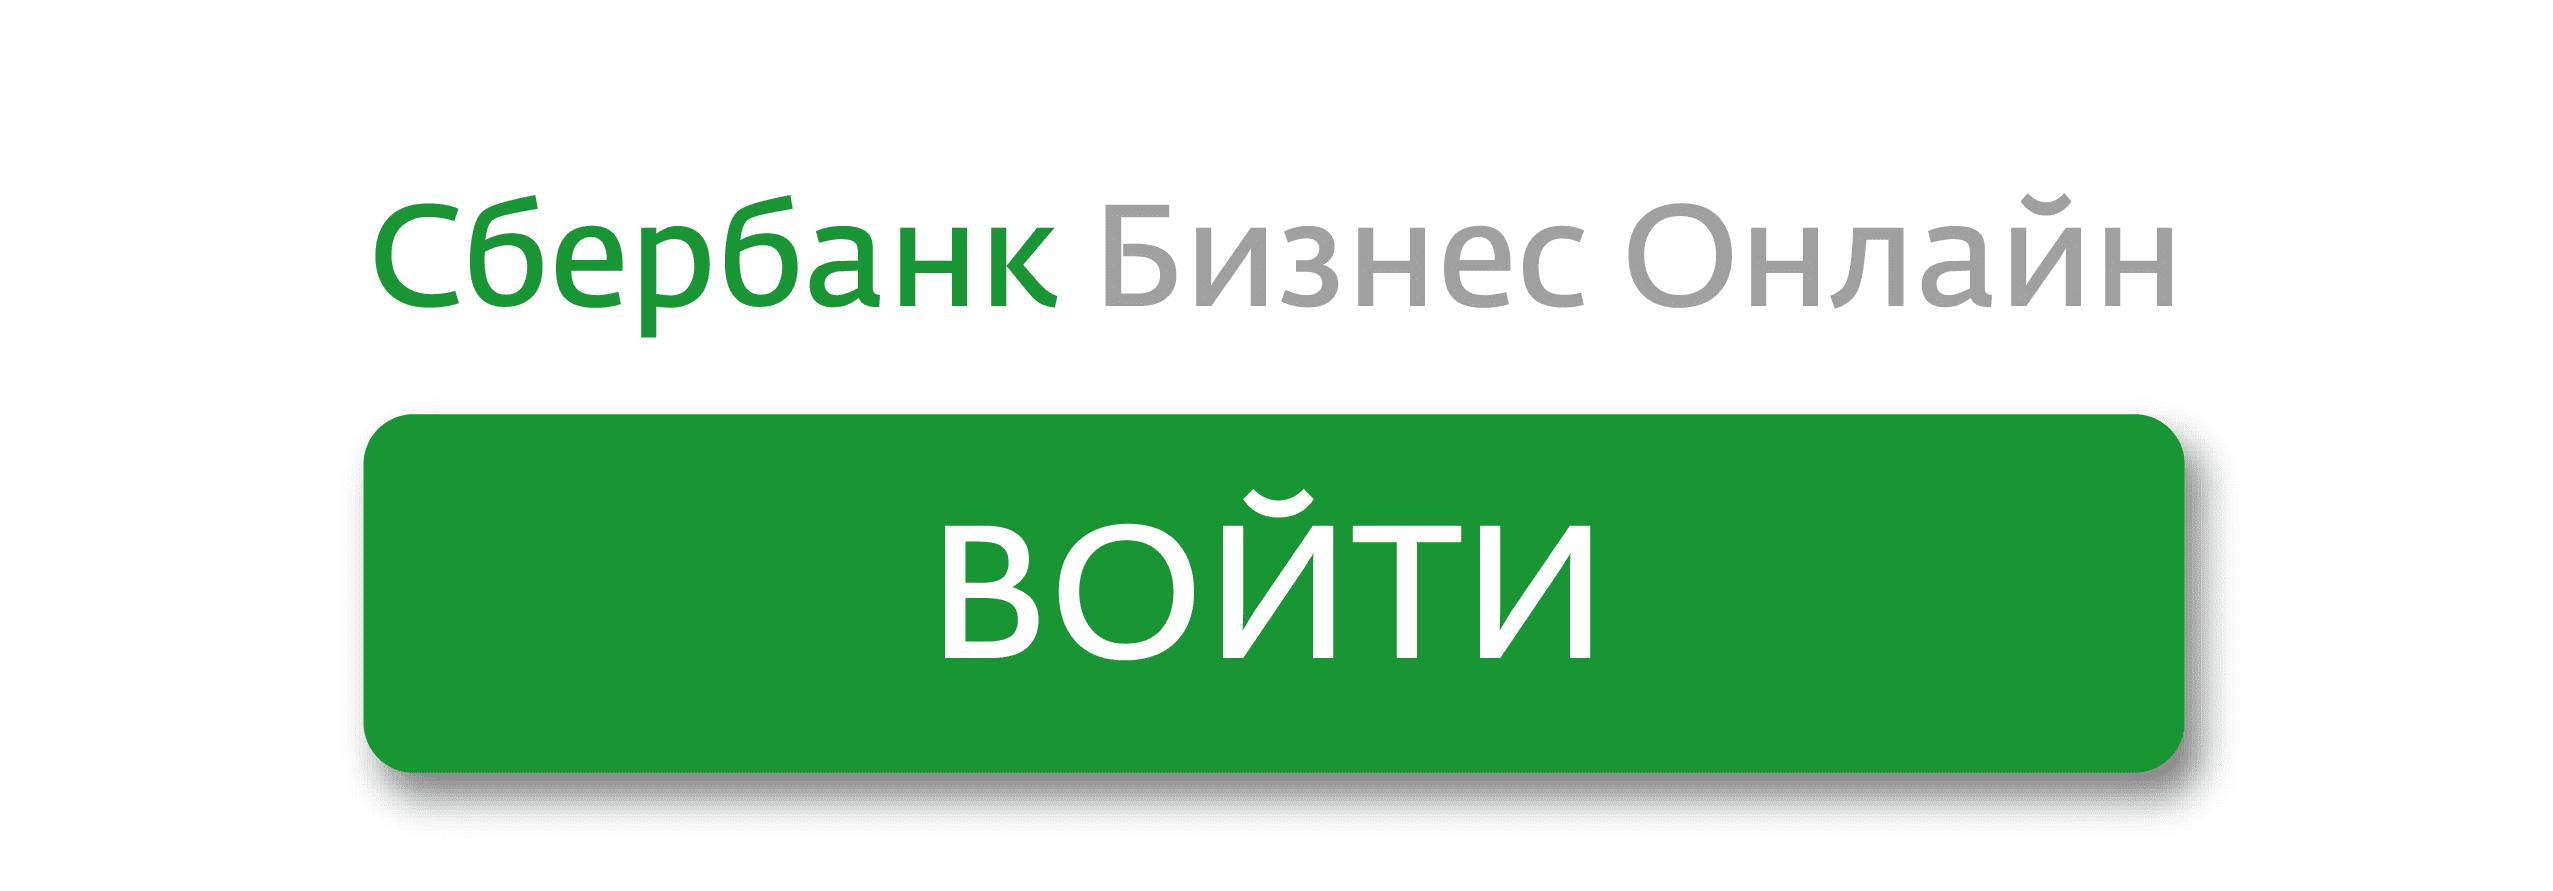 Сбербанк-Бизнес-Онлайн-войти-в-систему